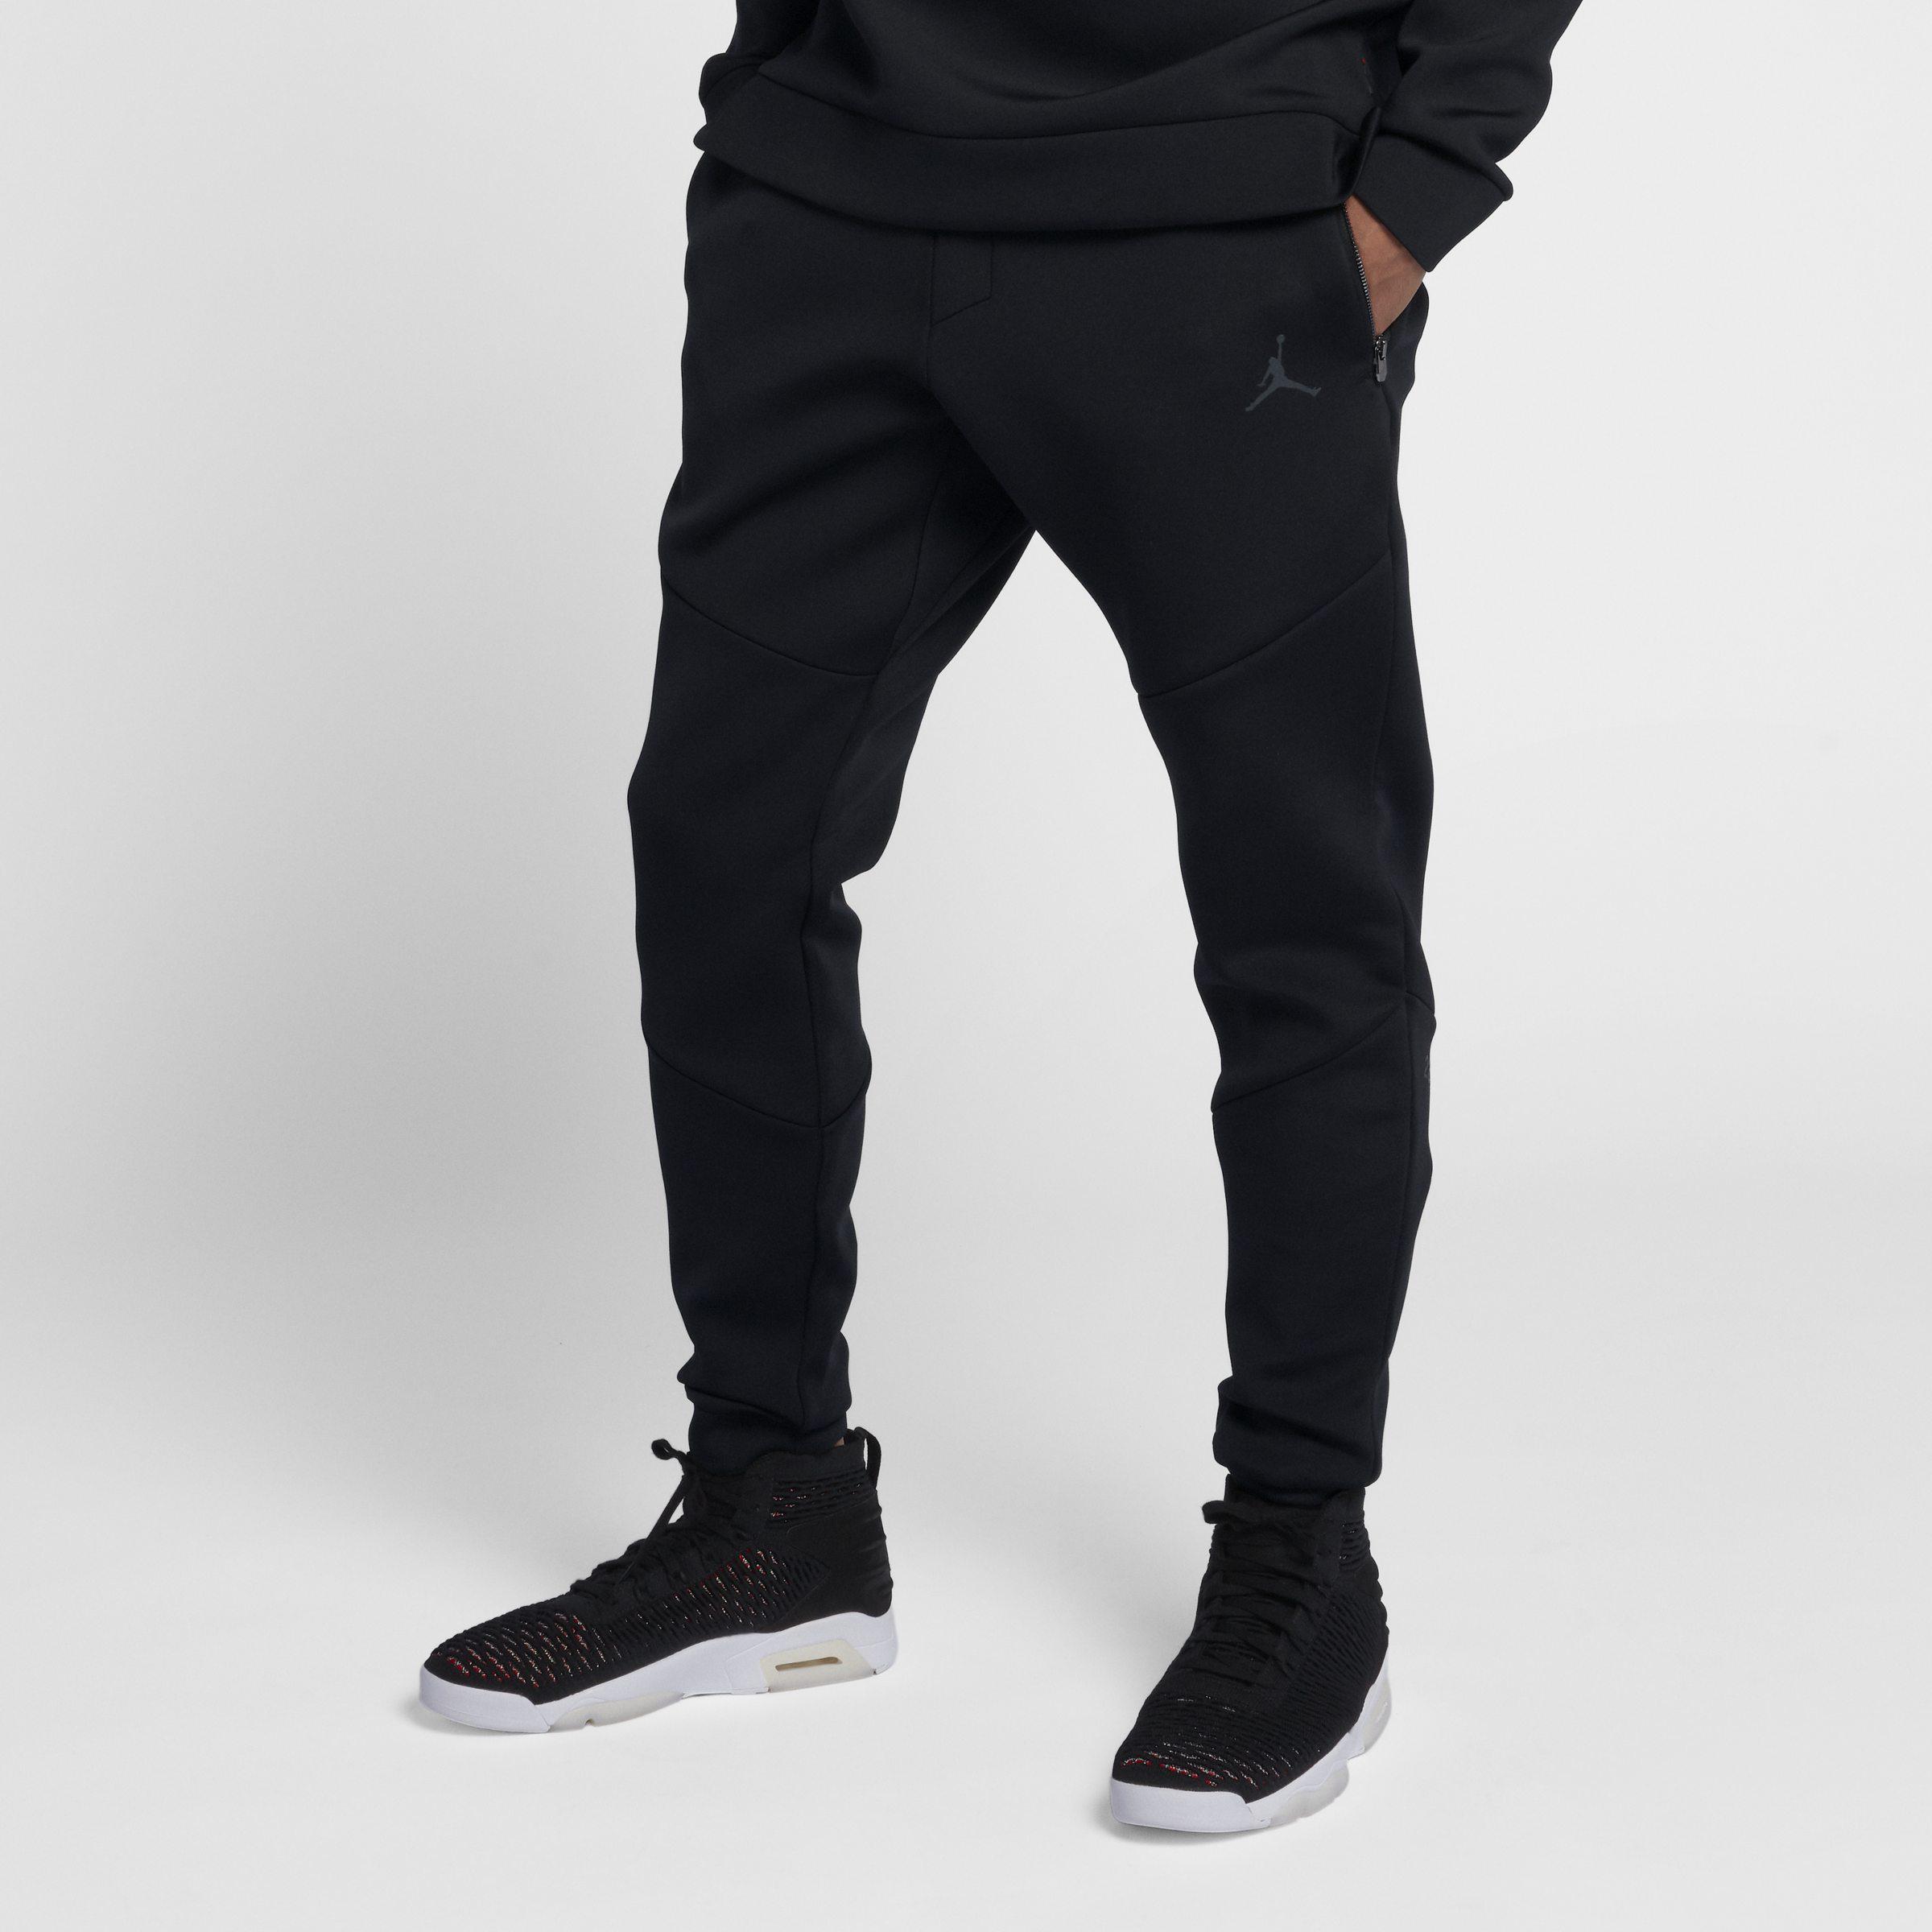 Diamond Coloris Pour Pantalon Jordan Tech Sportswear En Black Flight Homme Nike OXPukZiT